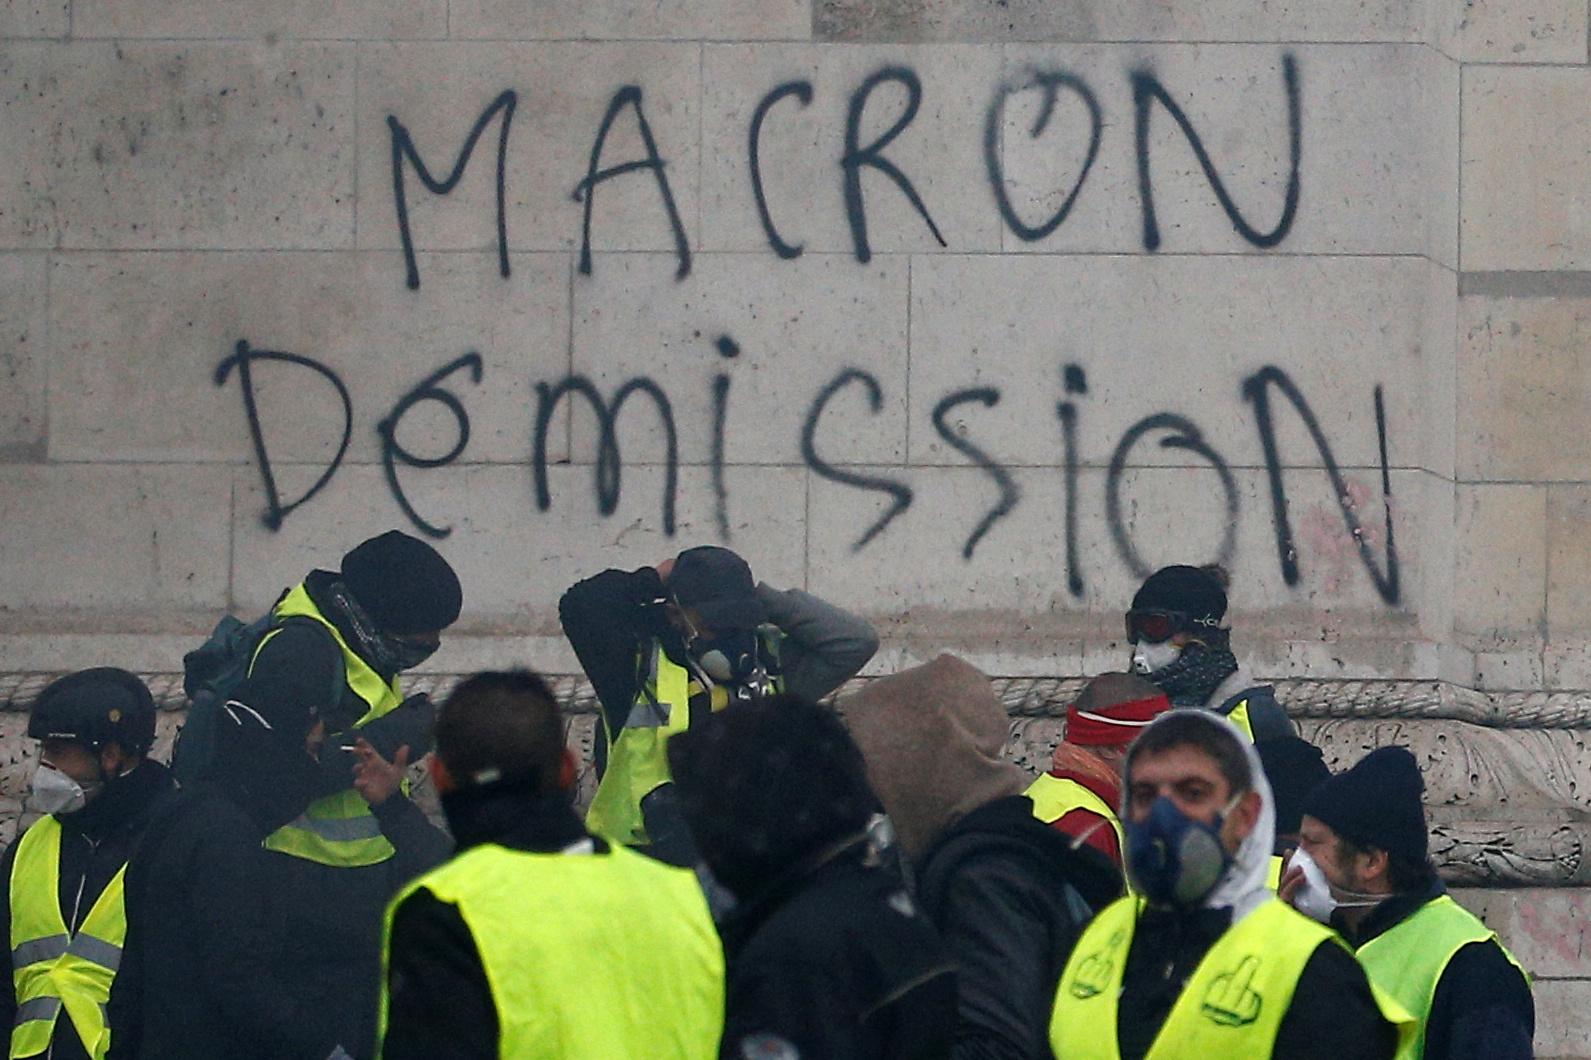 Протестующие винят в своих бедах президента Макрона и требуют его отставки